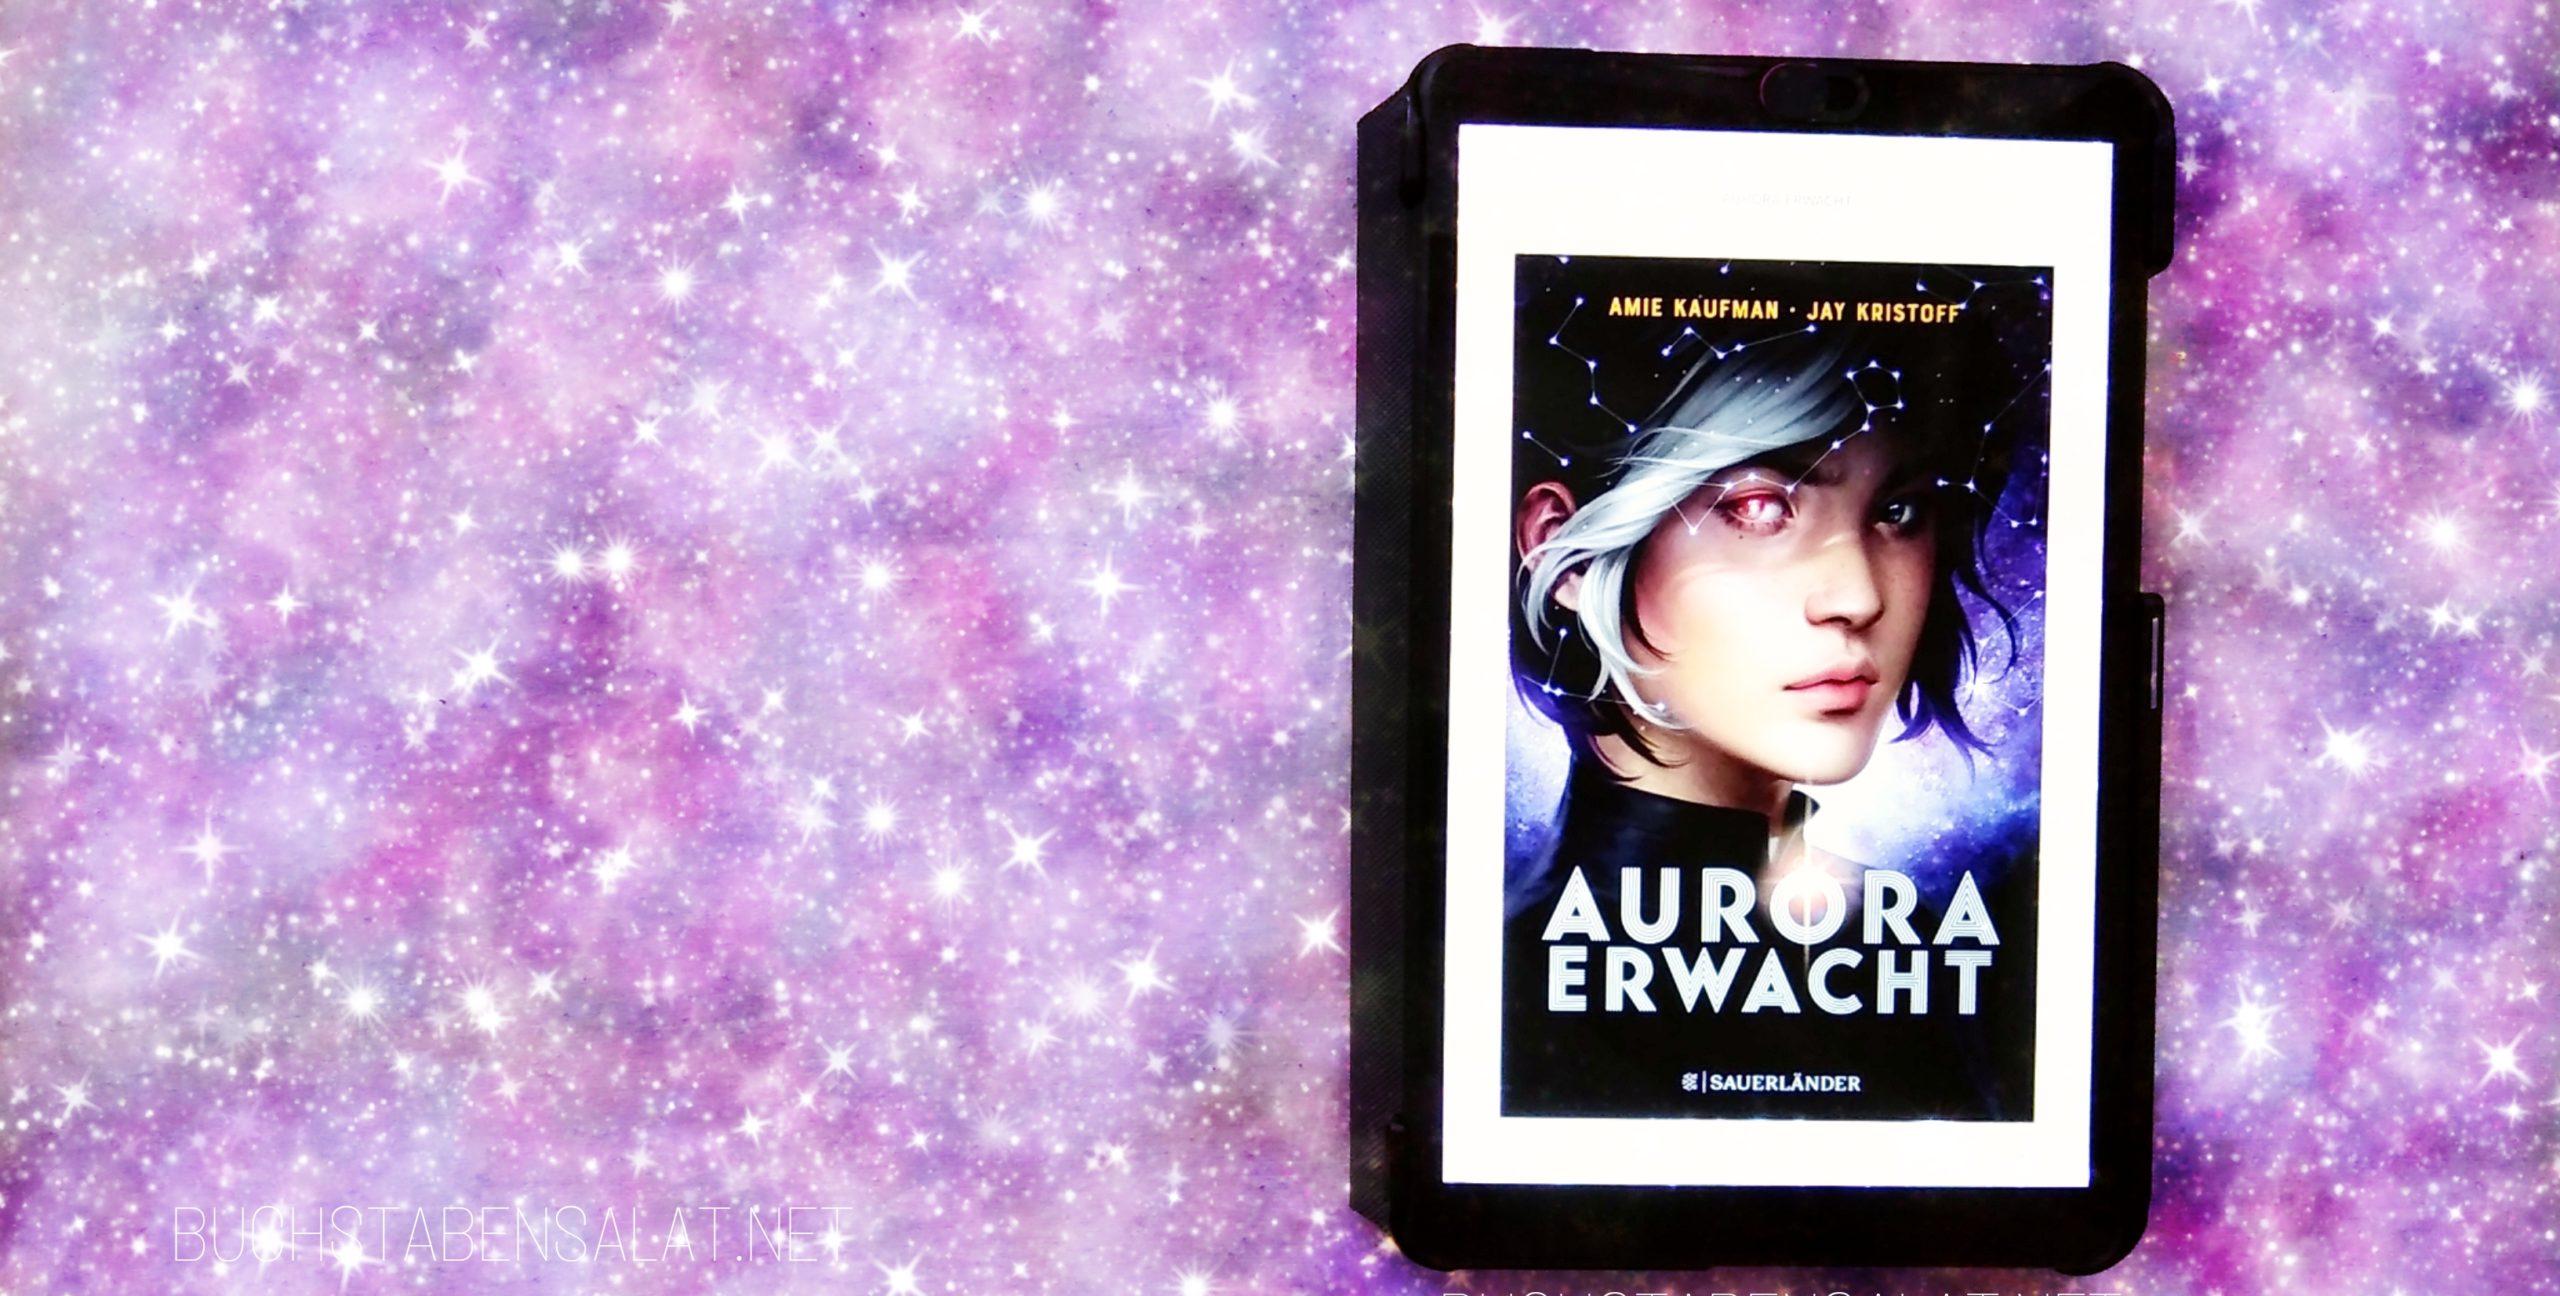 """Aurora Erwacht von Amie Kaufman und Jay Kristoff. E-Book-Cover vor lilafarbenem Galaxie-Hintergrund. Wasserzeichen """"Buchstabensalat.net"""""""